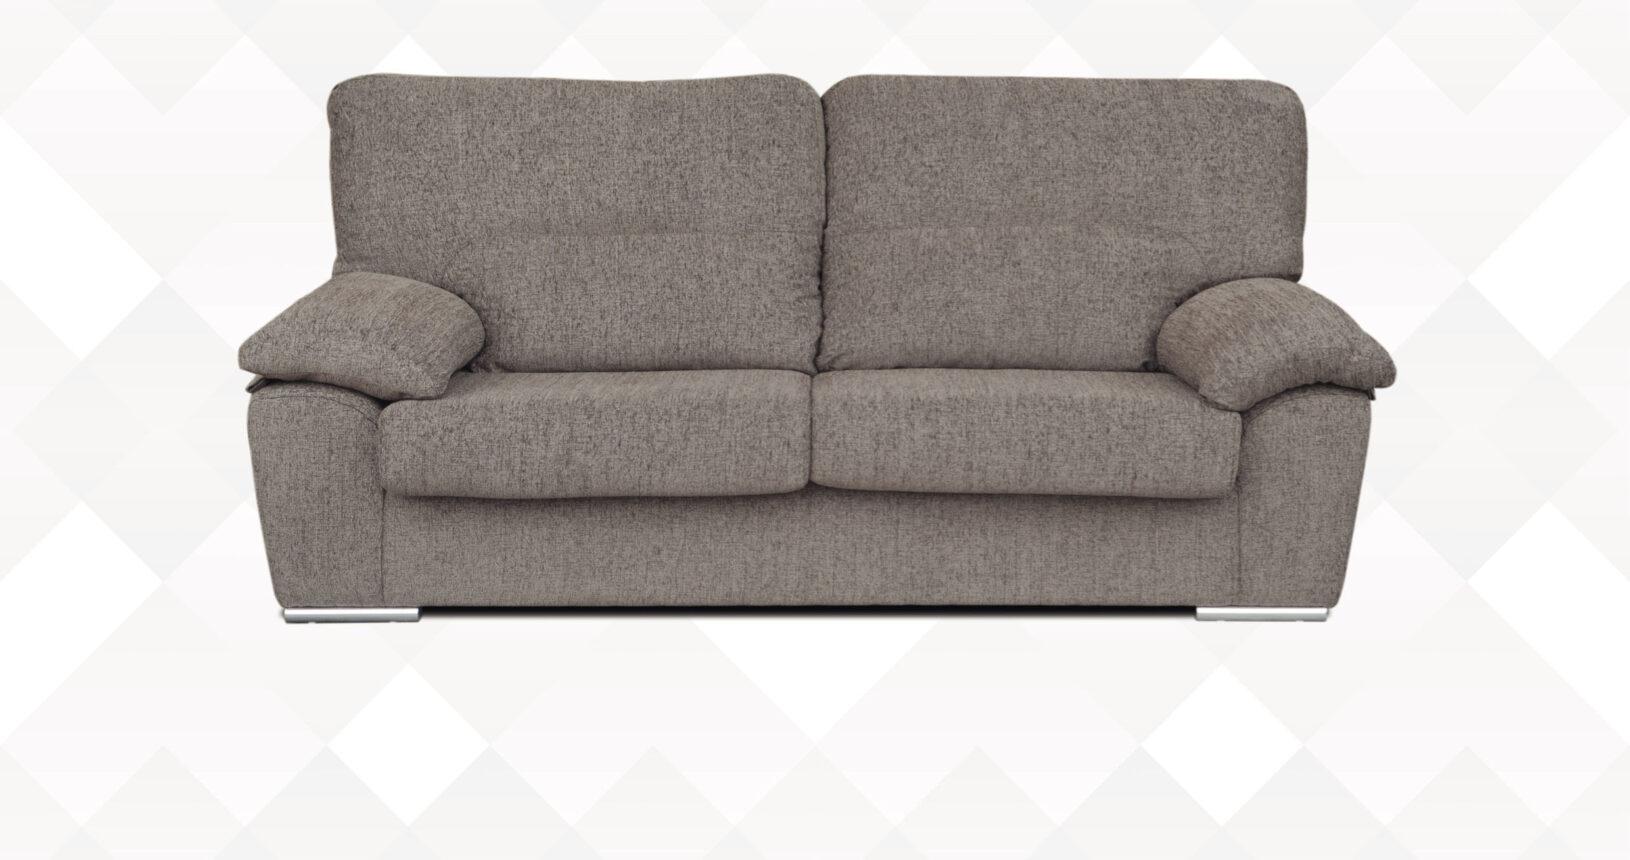 descanso sofás alba mundococina.eu